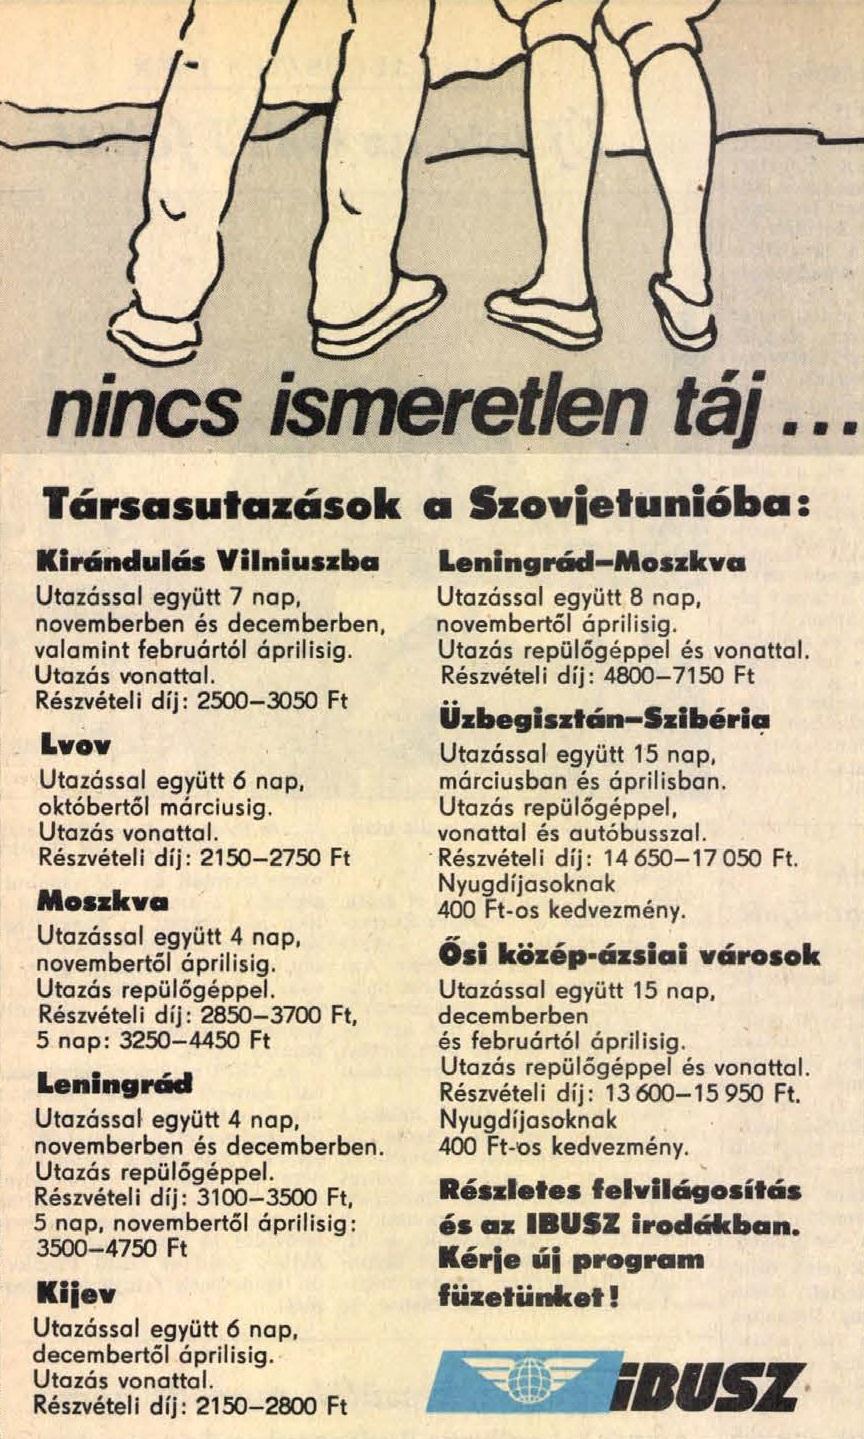 idokapszula_nb_i_1983_84_bevezetes_i_reklam.jpg